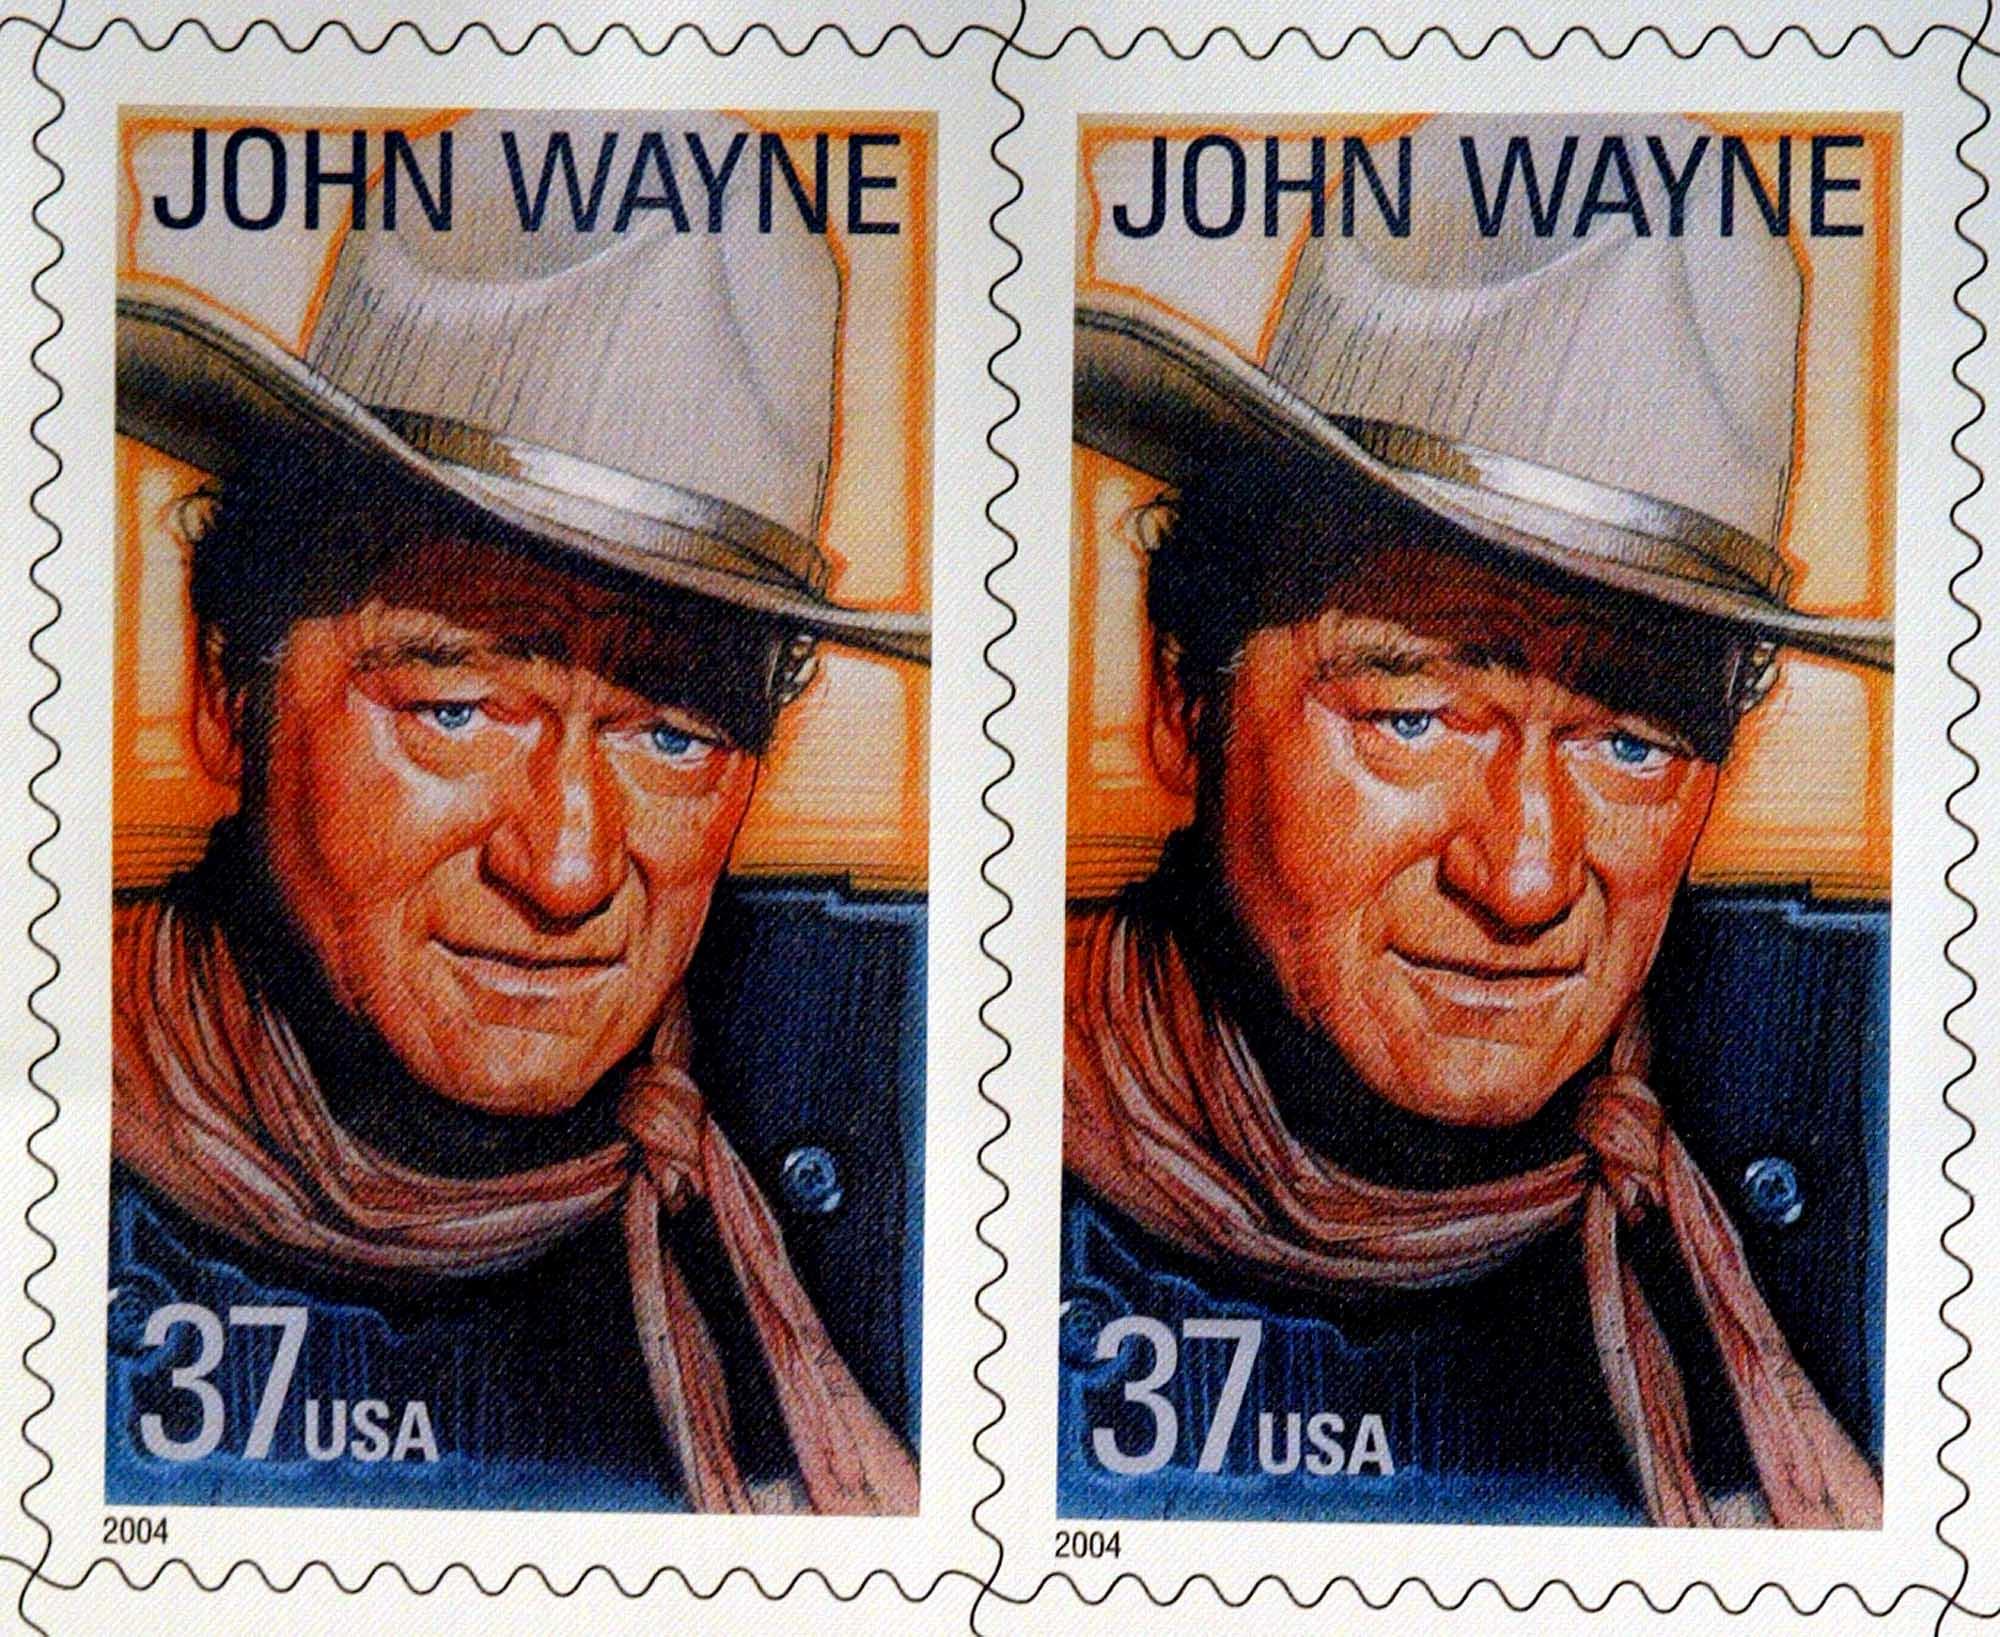 2004年4月3日,美國發行了約翰·韋恩的紀念郵票。(美聯社)